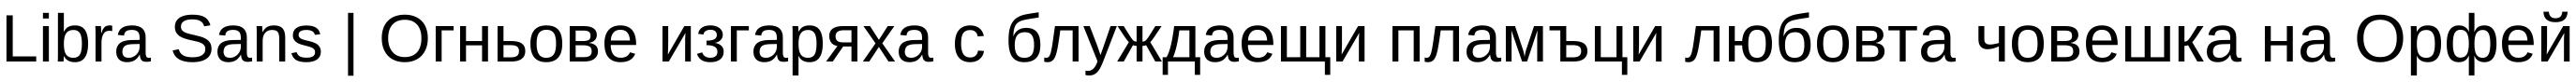 Libra Sans